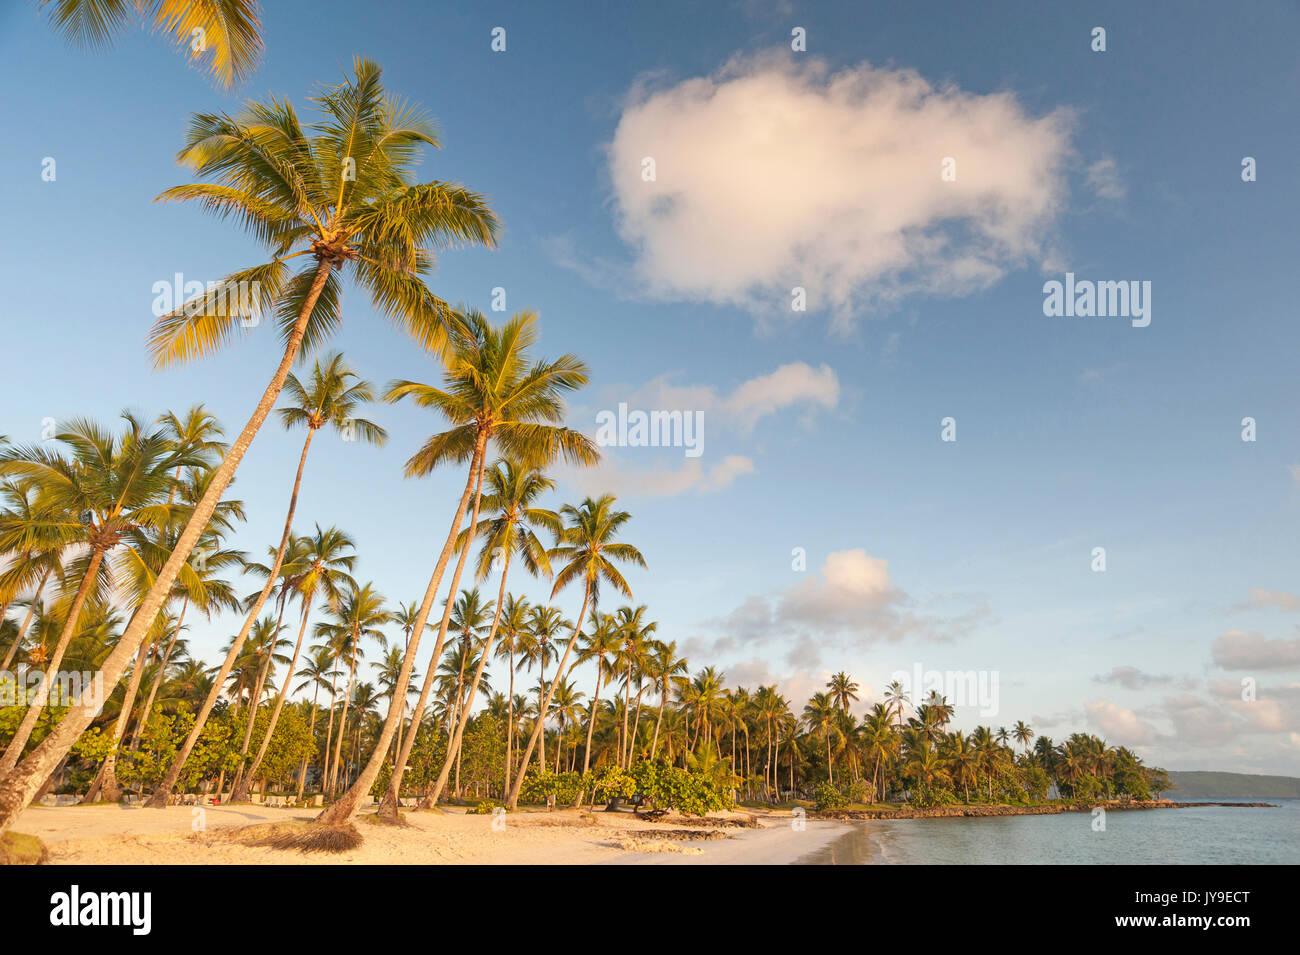 Una spiaggia da sogno con palme di cocco in Repubblica Dominicana Immagini Stock